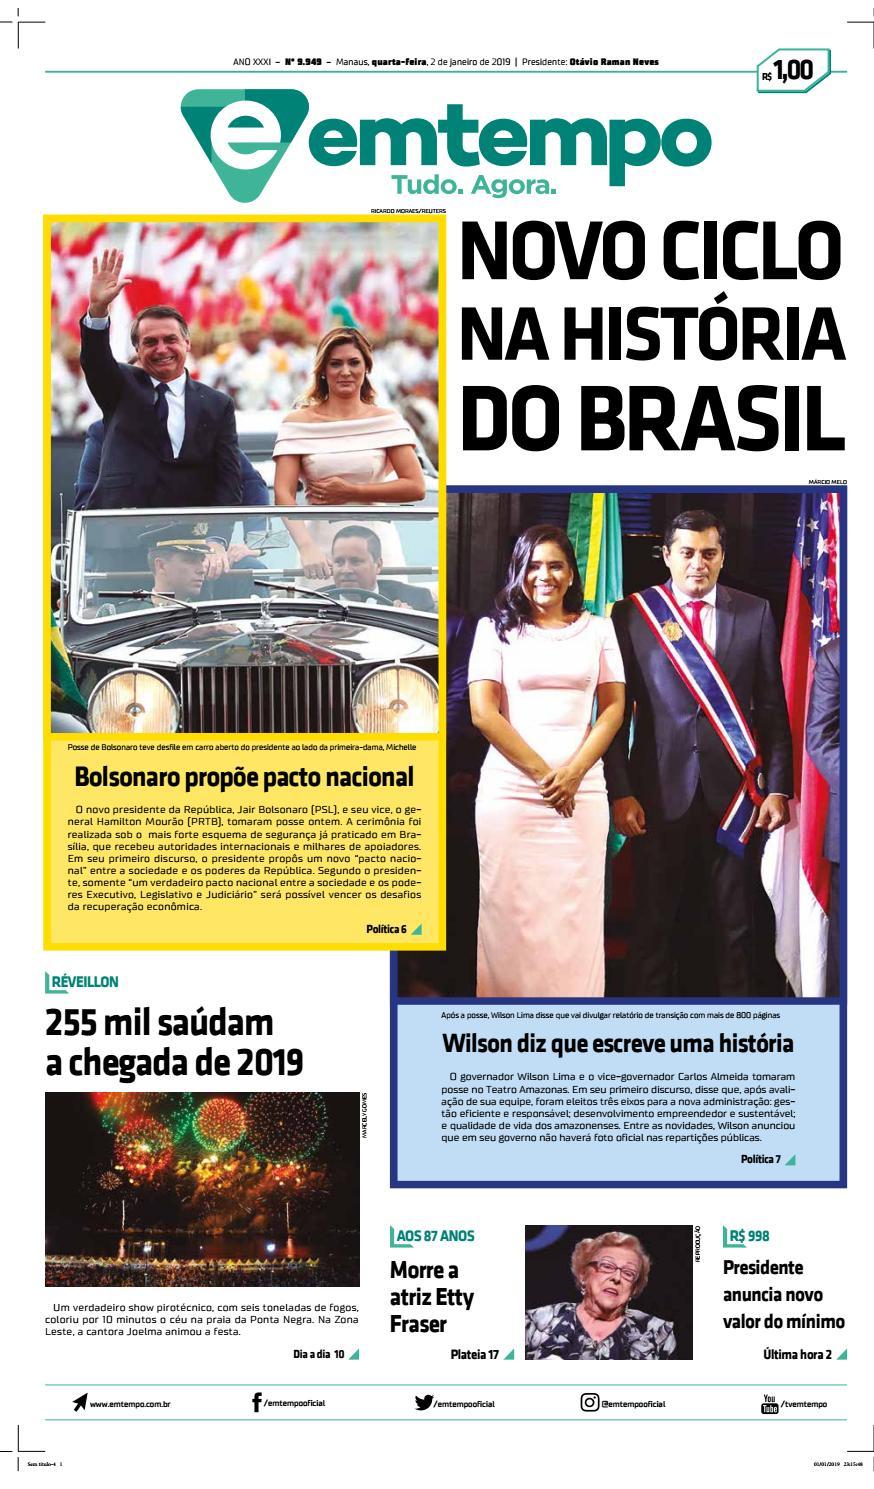 383c77dbc Em Tempo - 02 de Janeiro de 2019 by Amazonas Em Tempo - issuu